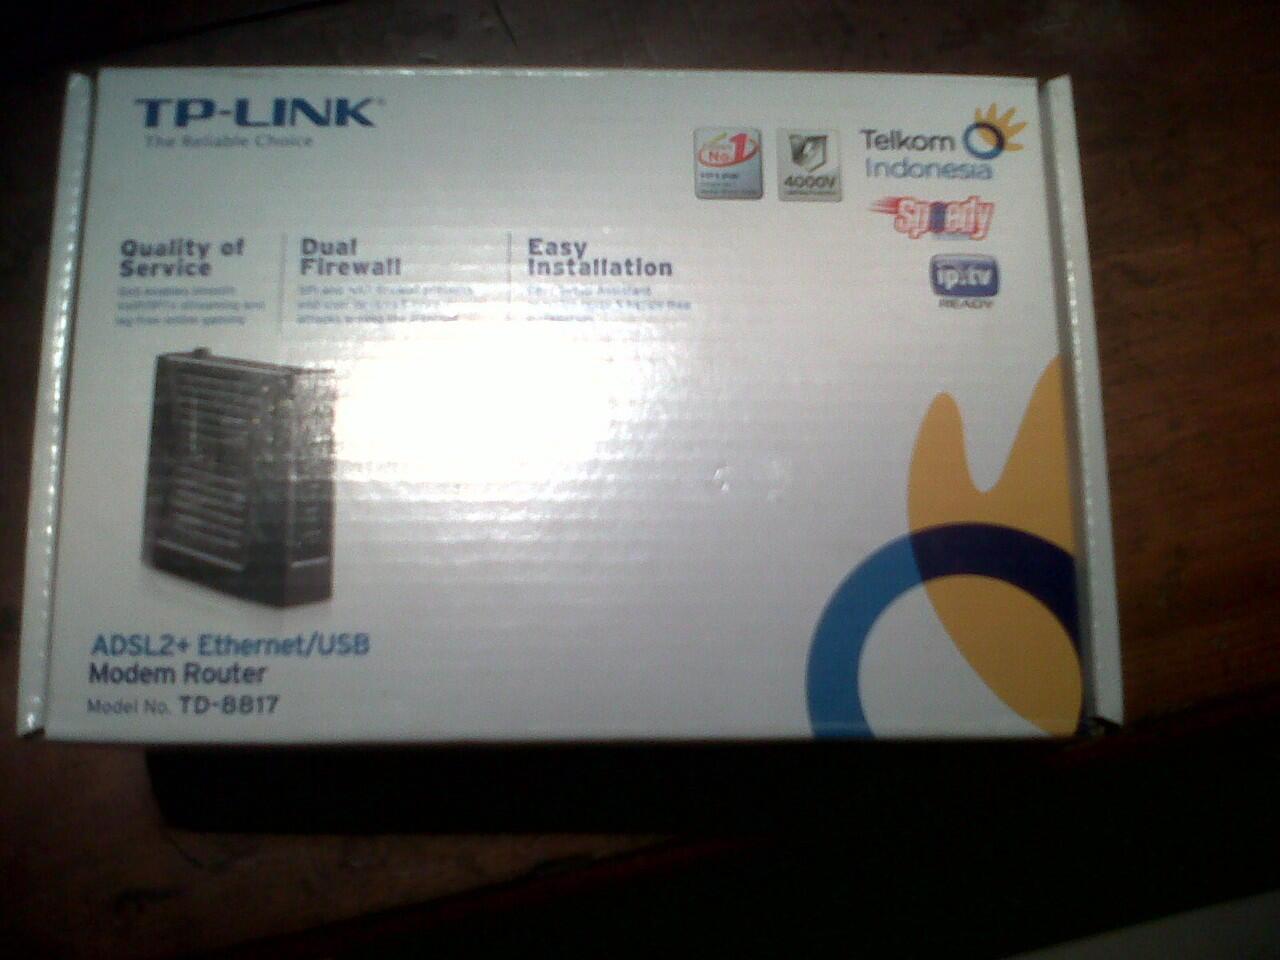 ADSL 2+ Ethernet/USB Modem Router TD-8817